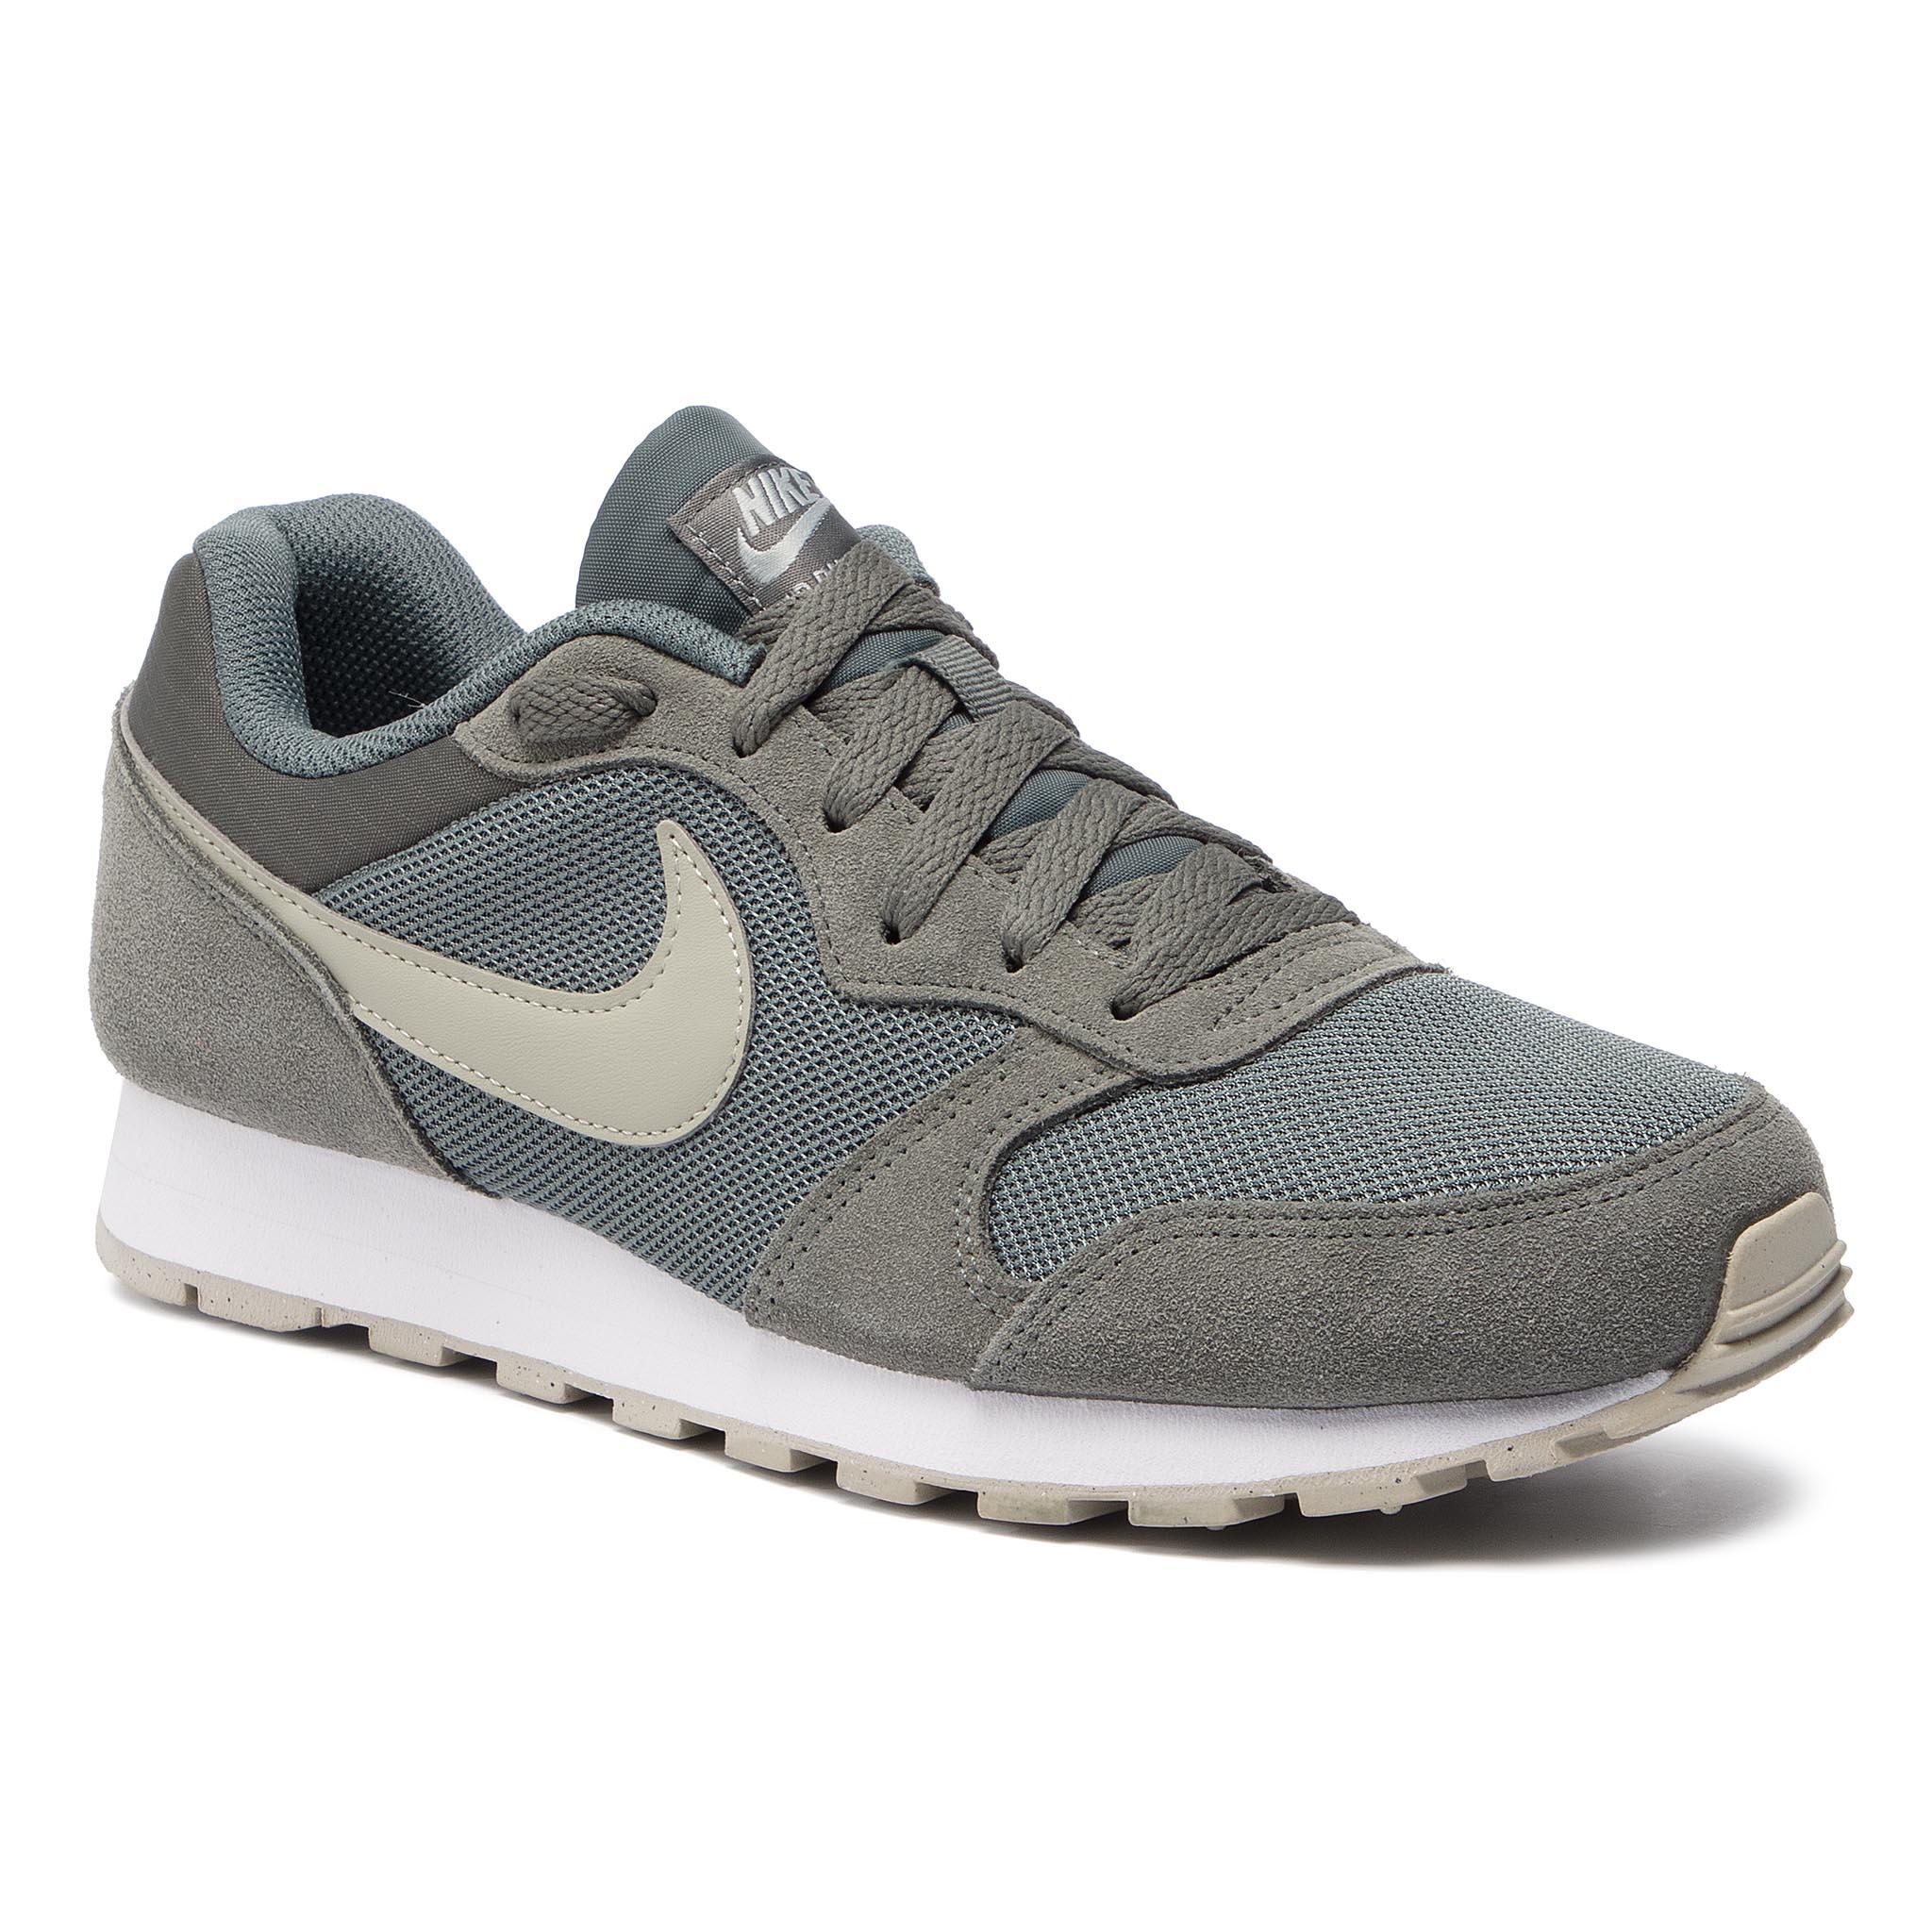 2895d1157e2b6 Shoes NIKE - Md Runner 2 749794 010 Black White Anthracite ...